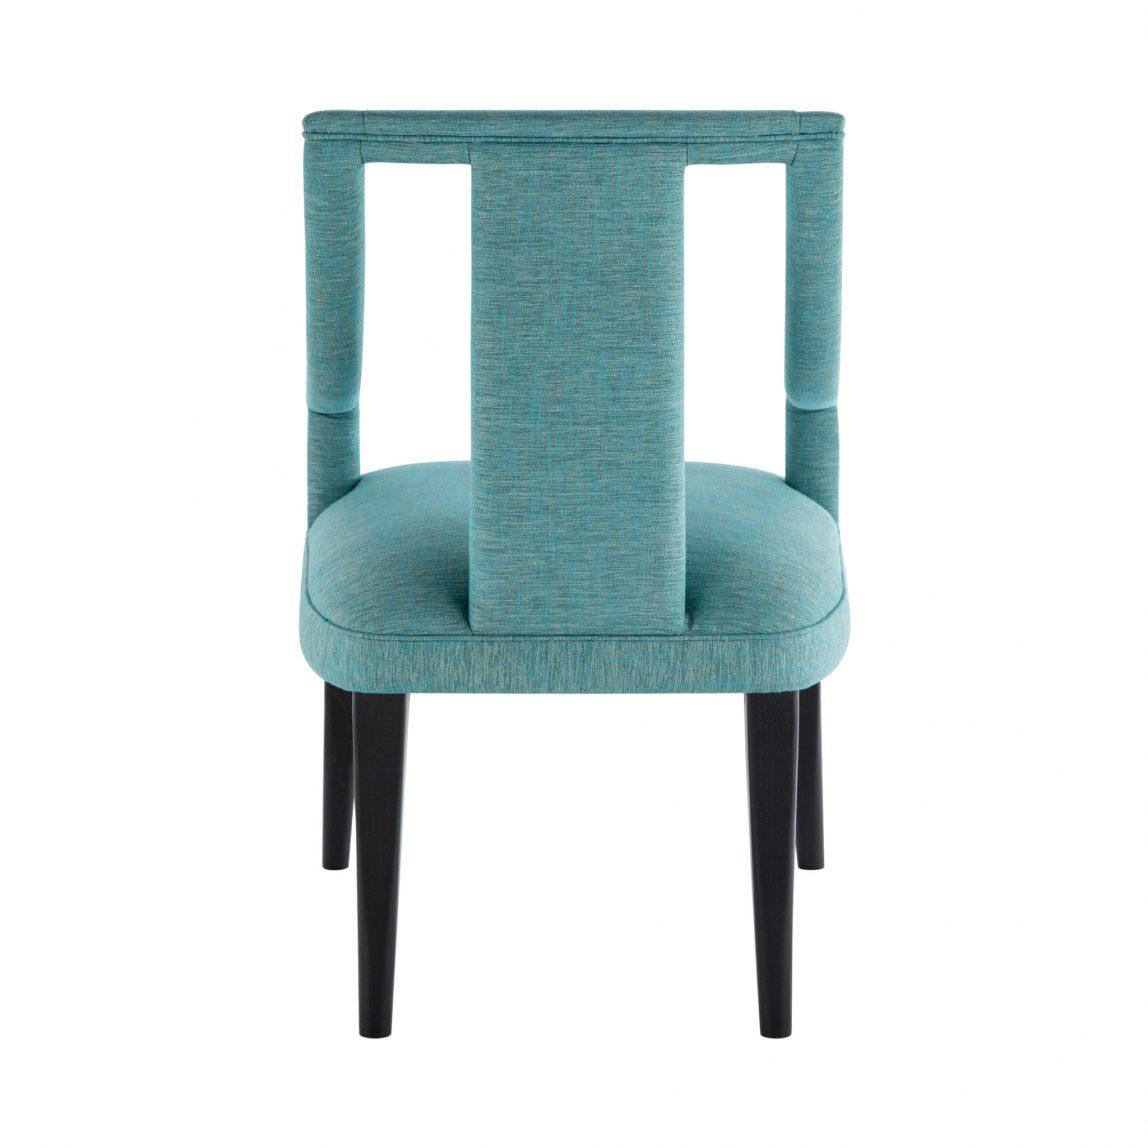 Красивая дорогая мебель, дизайнерский стул с обивкой бирюзового цвета, реплика (копия) брабу, мунна (munna).